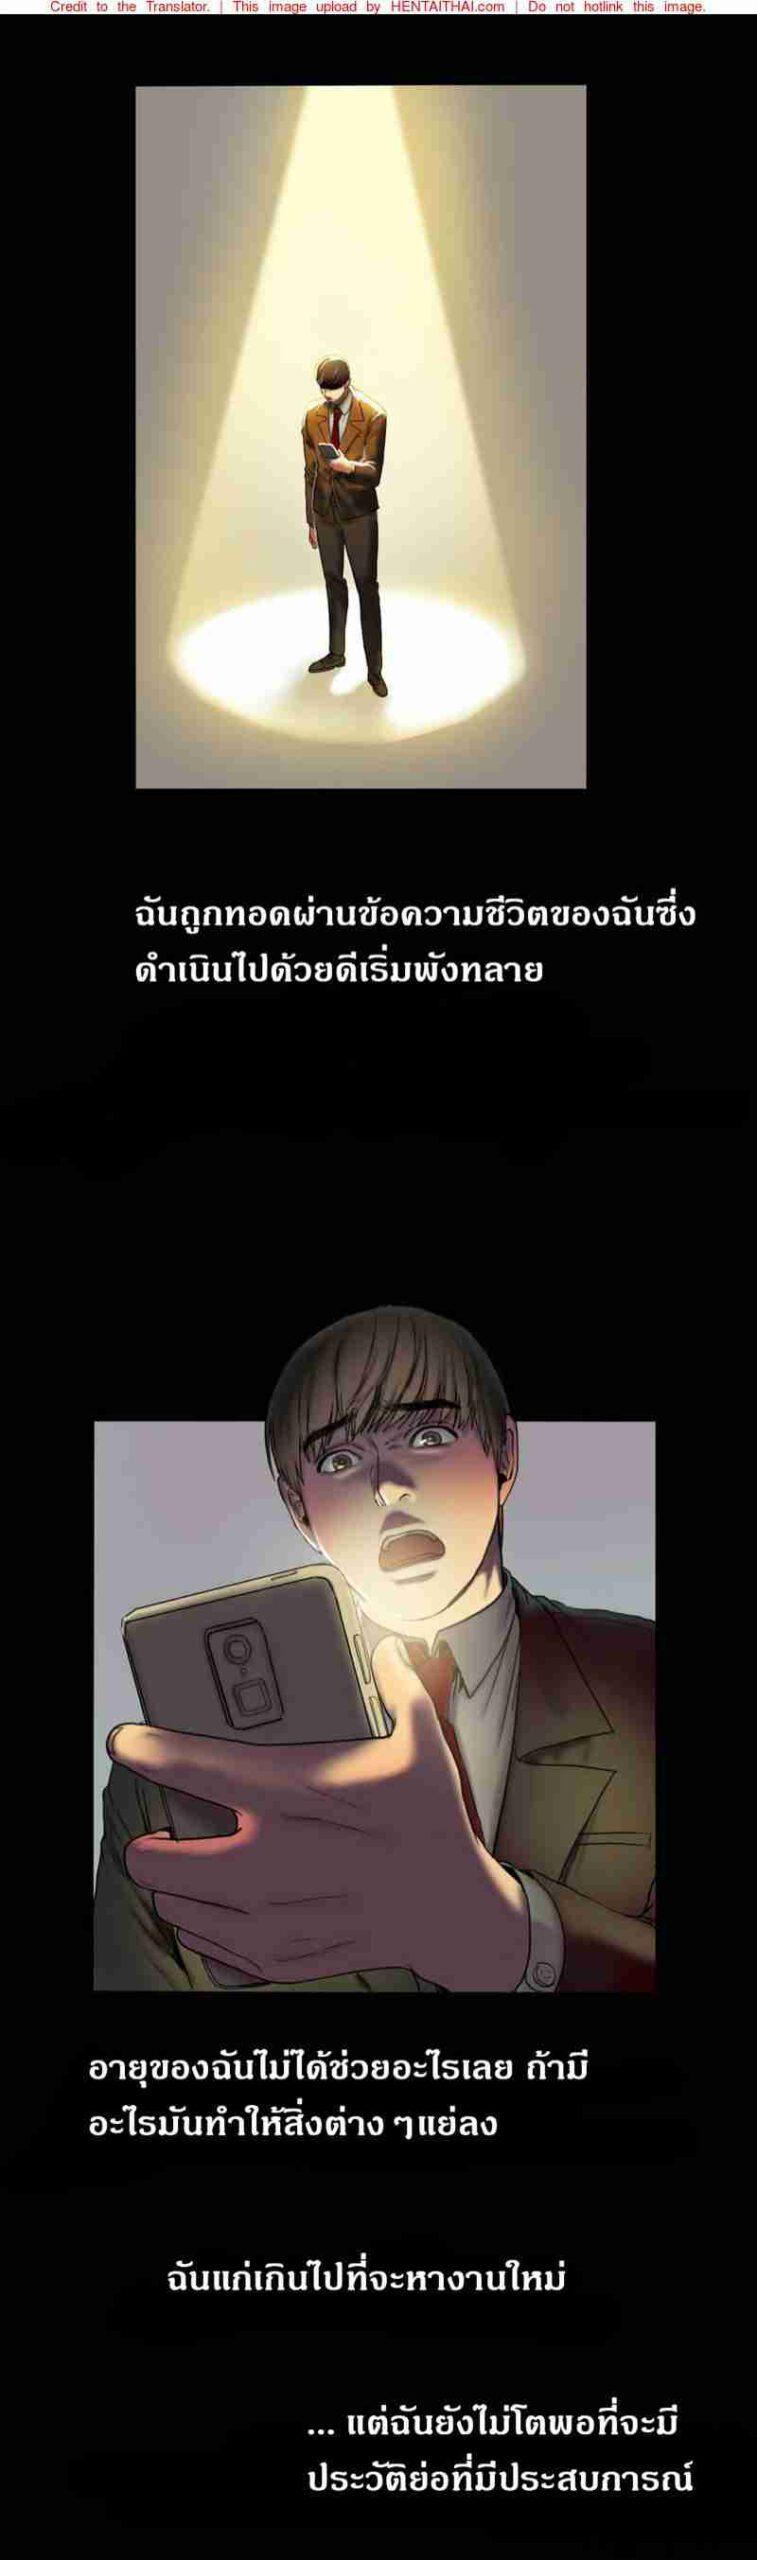 โดจิน Doujin หวานให้อมขมให้กลืน-30